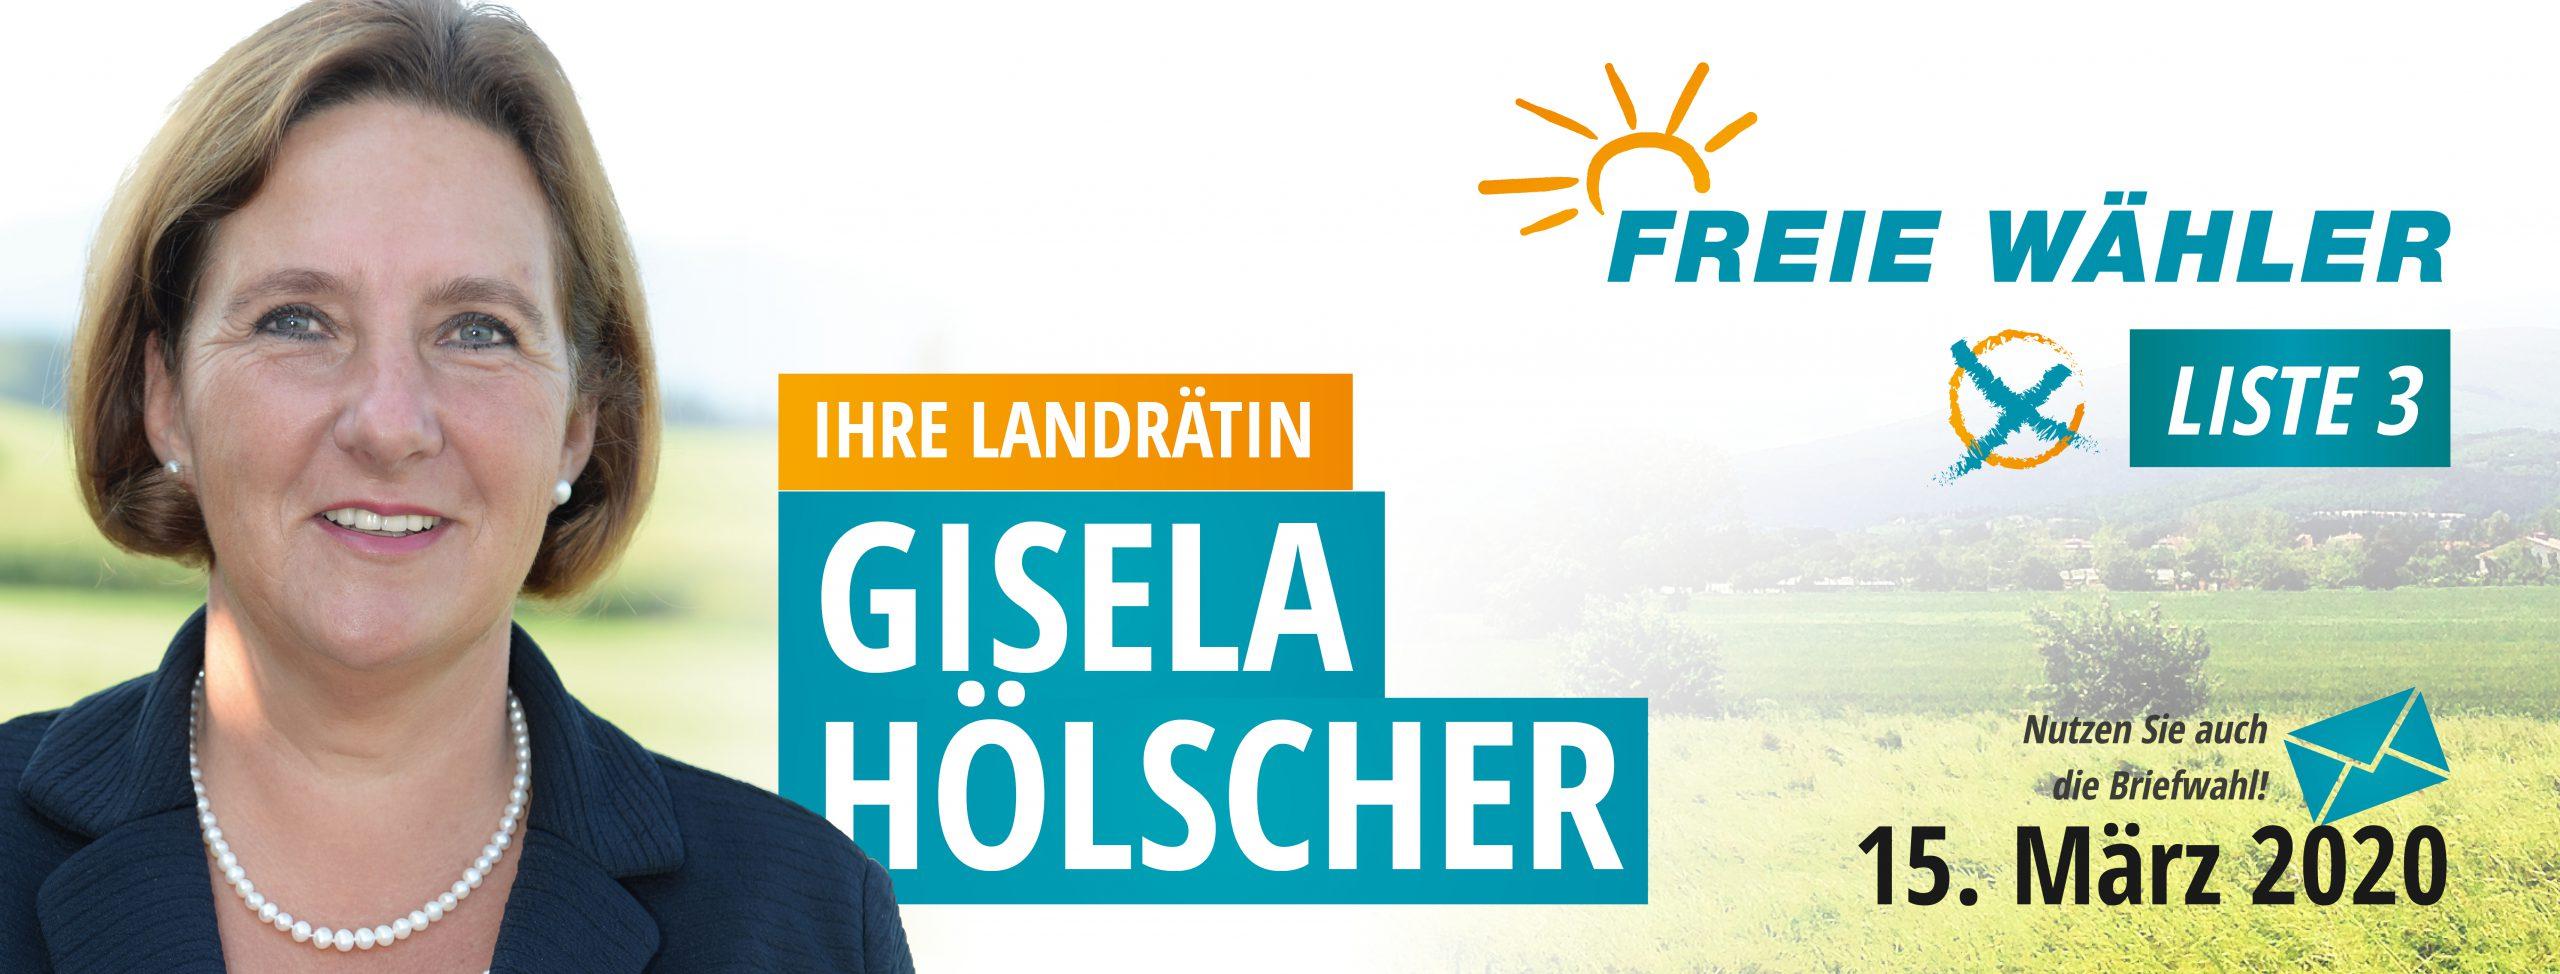 Titelbild Gisela Hölscher